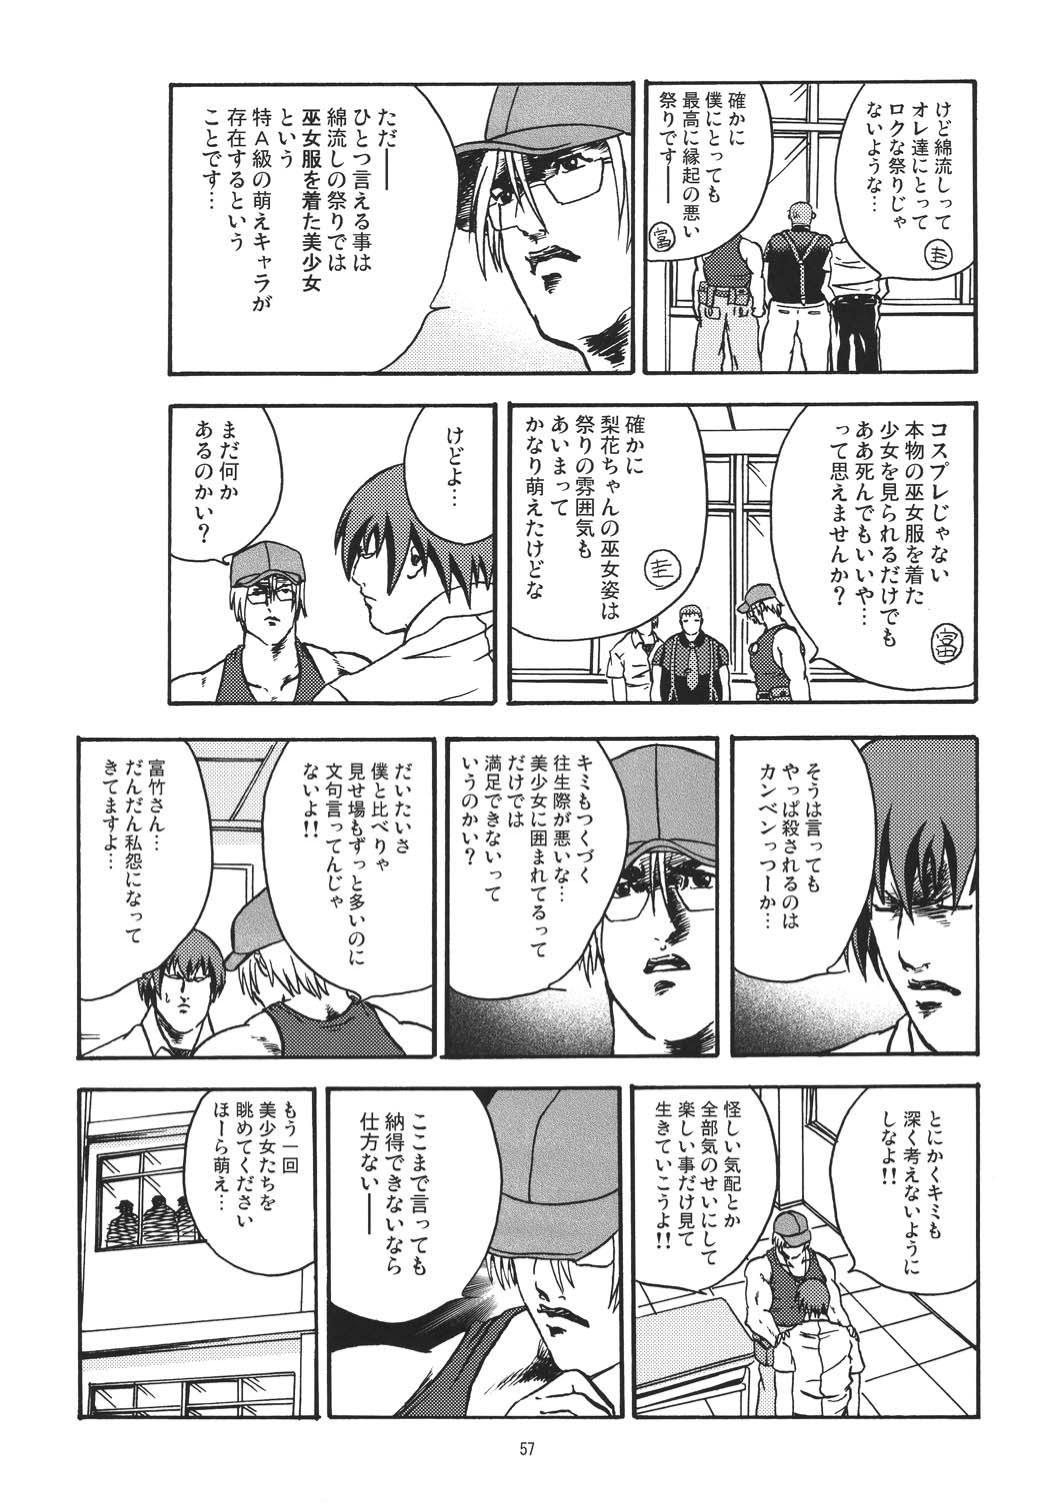 Miwaku 55